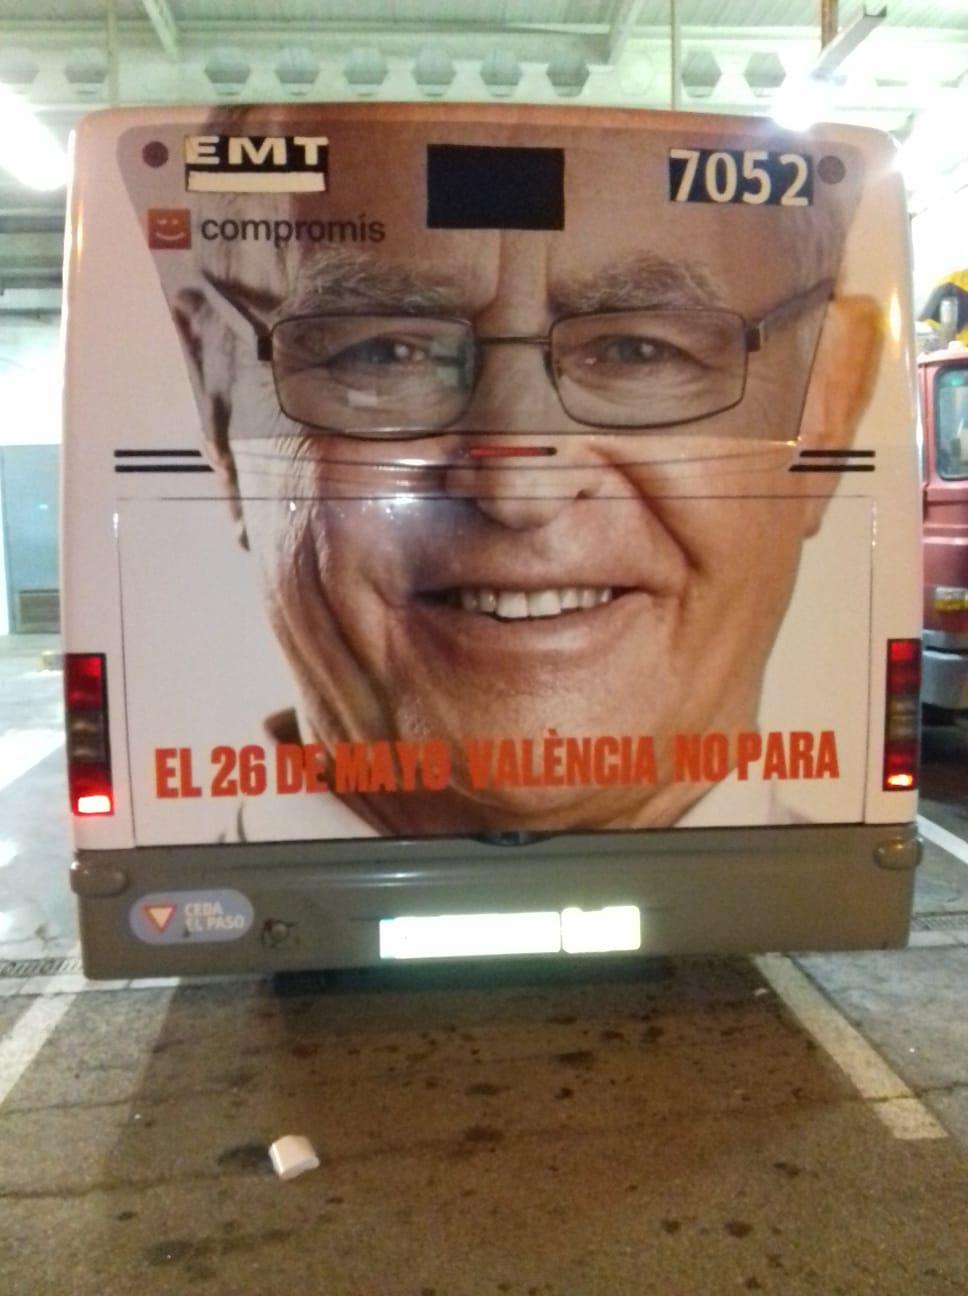 """Fotografía publicidad campaña """"Compromís"""" en autobús semiintegral"""